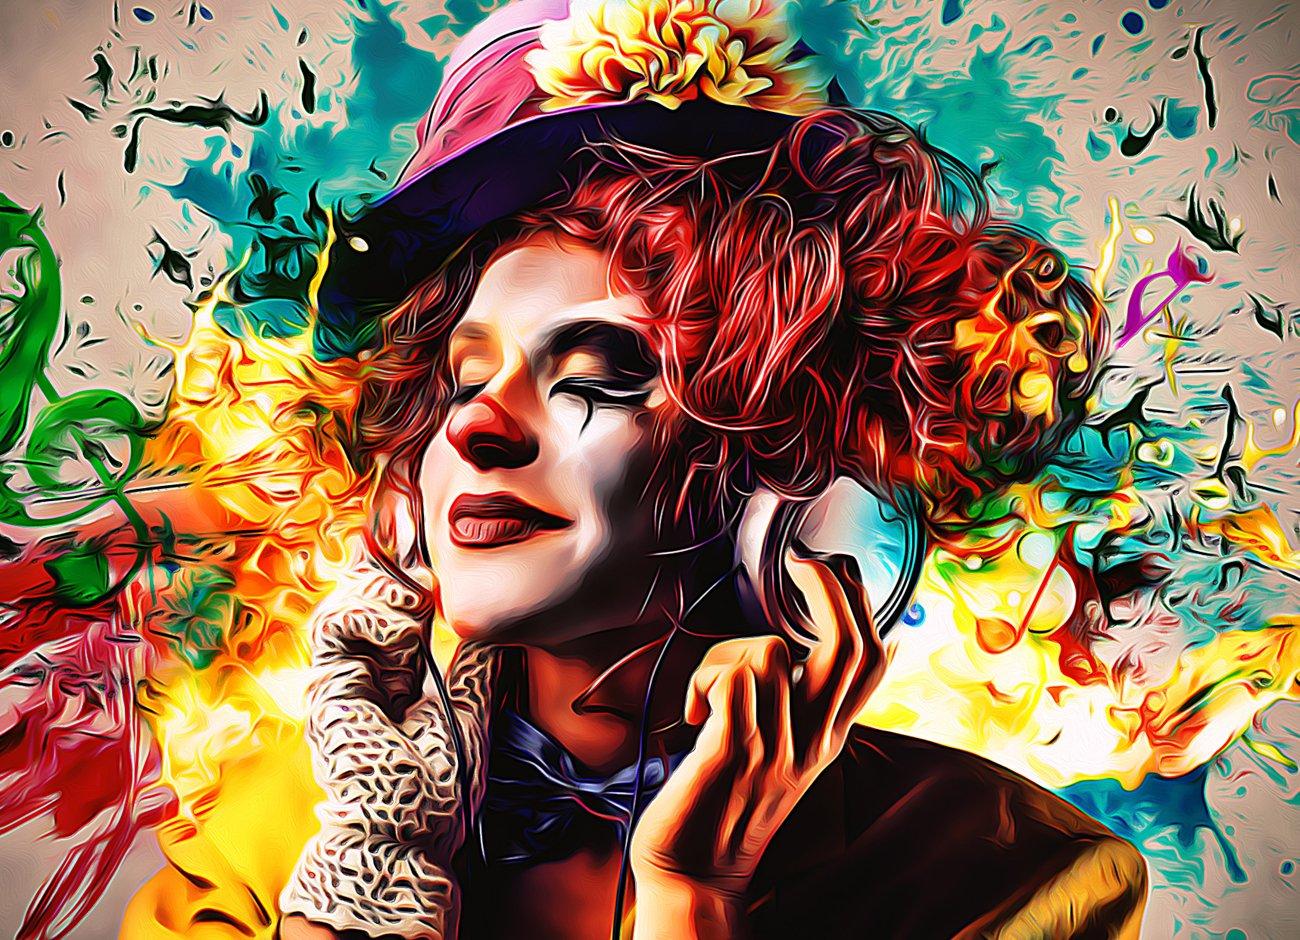 逼真油画效果照片处理特效PS动作模板素材 Pro Oil Art Photoshop Action插图12